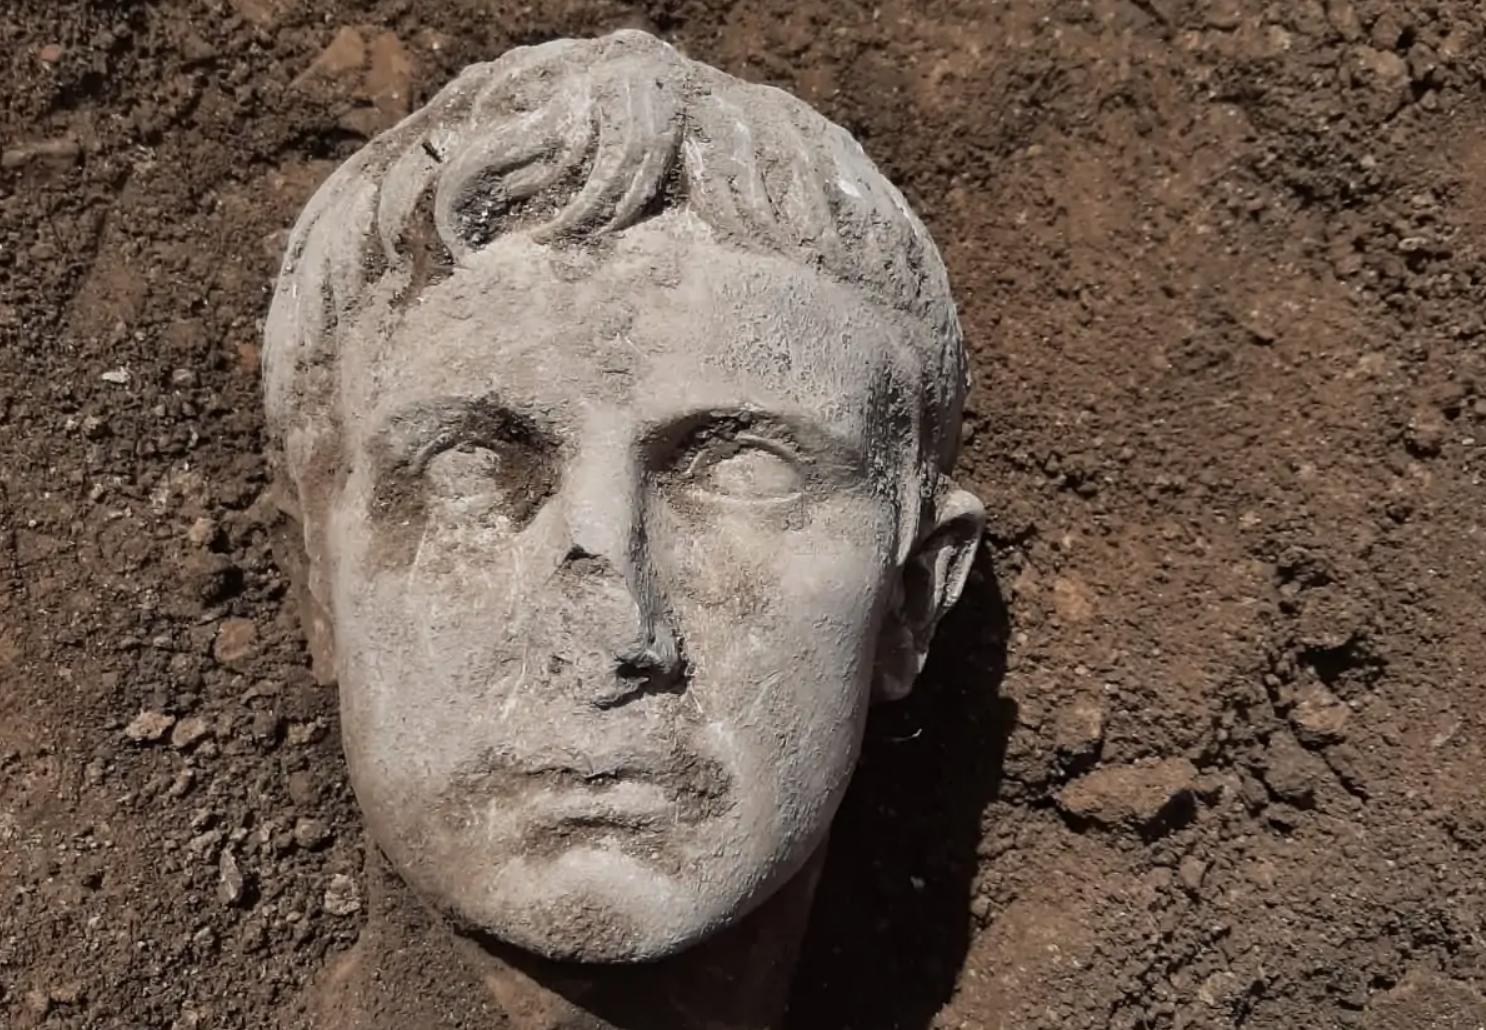 Isernia, che scoperta! Dagli scavi riemerge la testa dell'Imperatore Augusto (che promette sorprese)